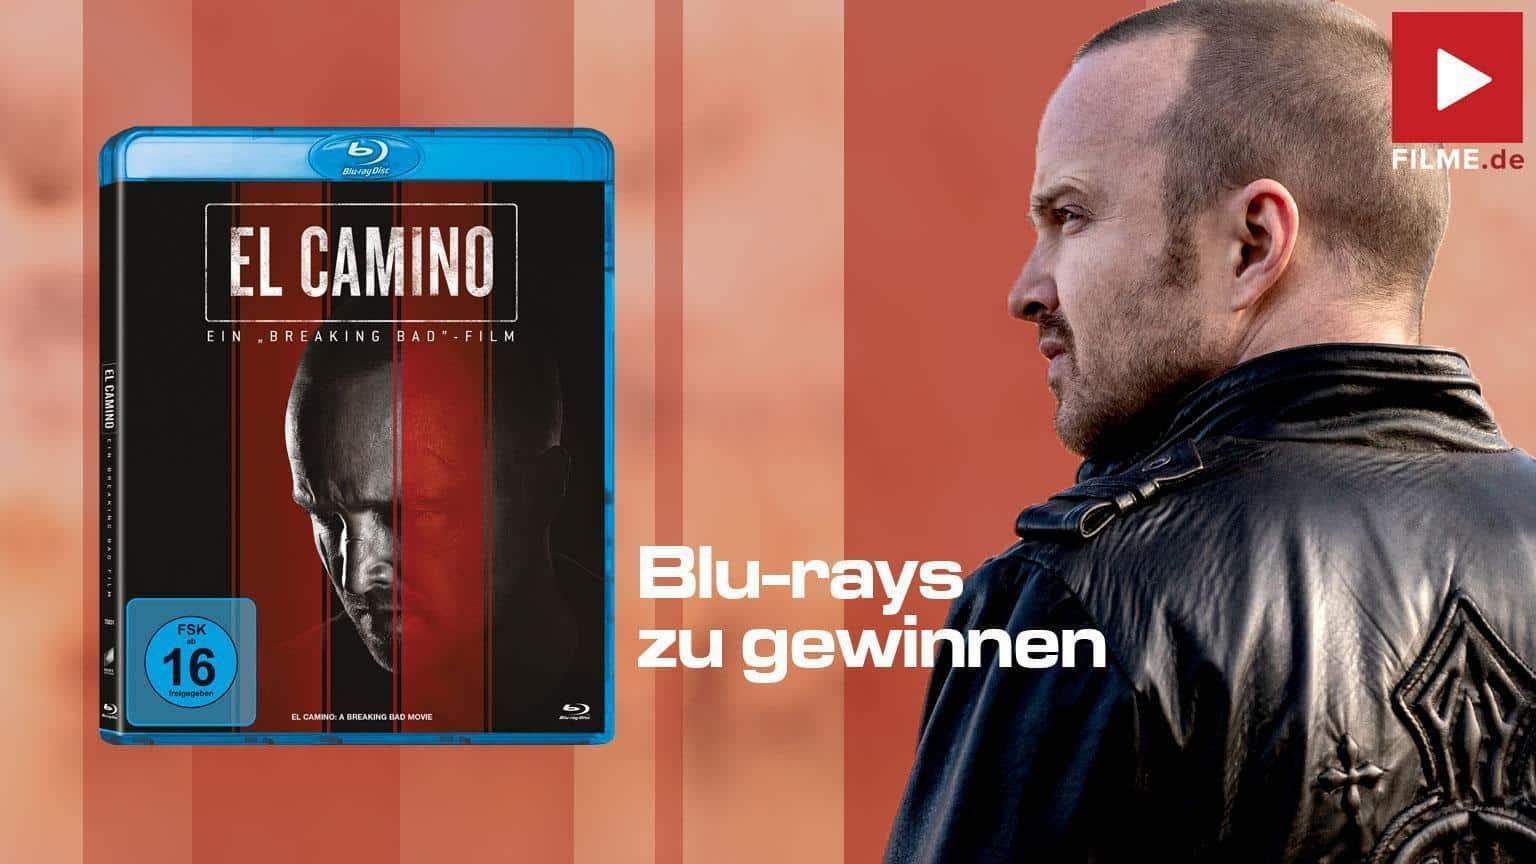 El Camino ein Breaking Bad Film 2020 Gewinnspiel gewinnen shop kaufen Artiklebild